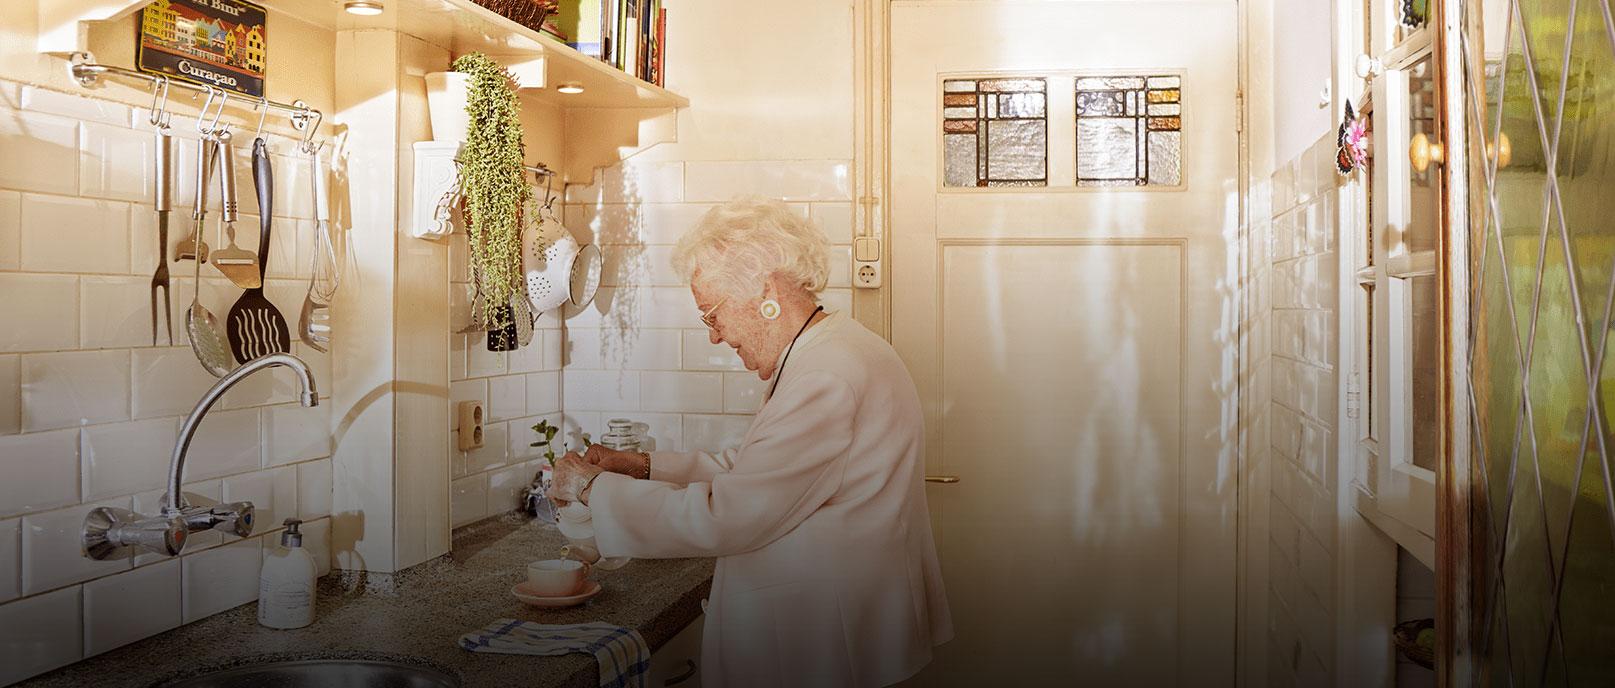 Door zorginnovaties kan haar moeder langer zelfstandig blijven wonen